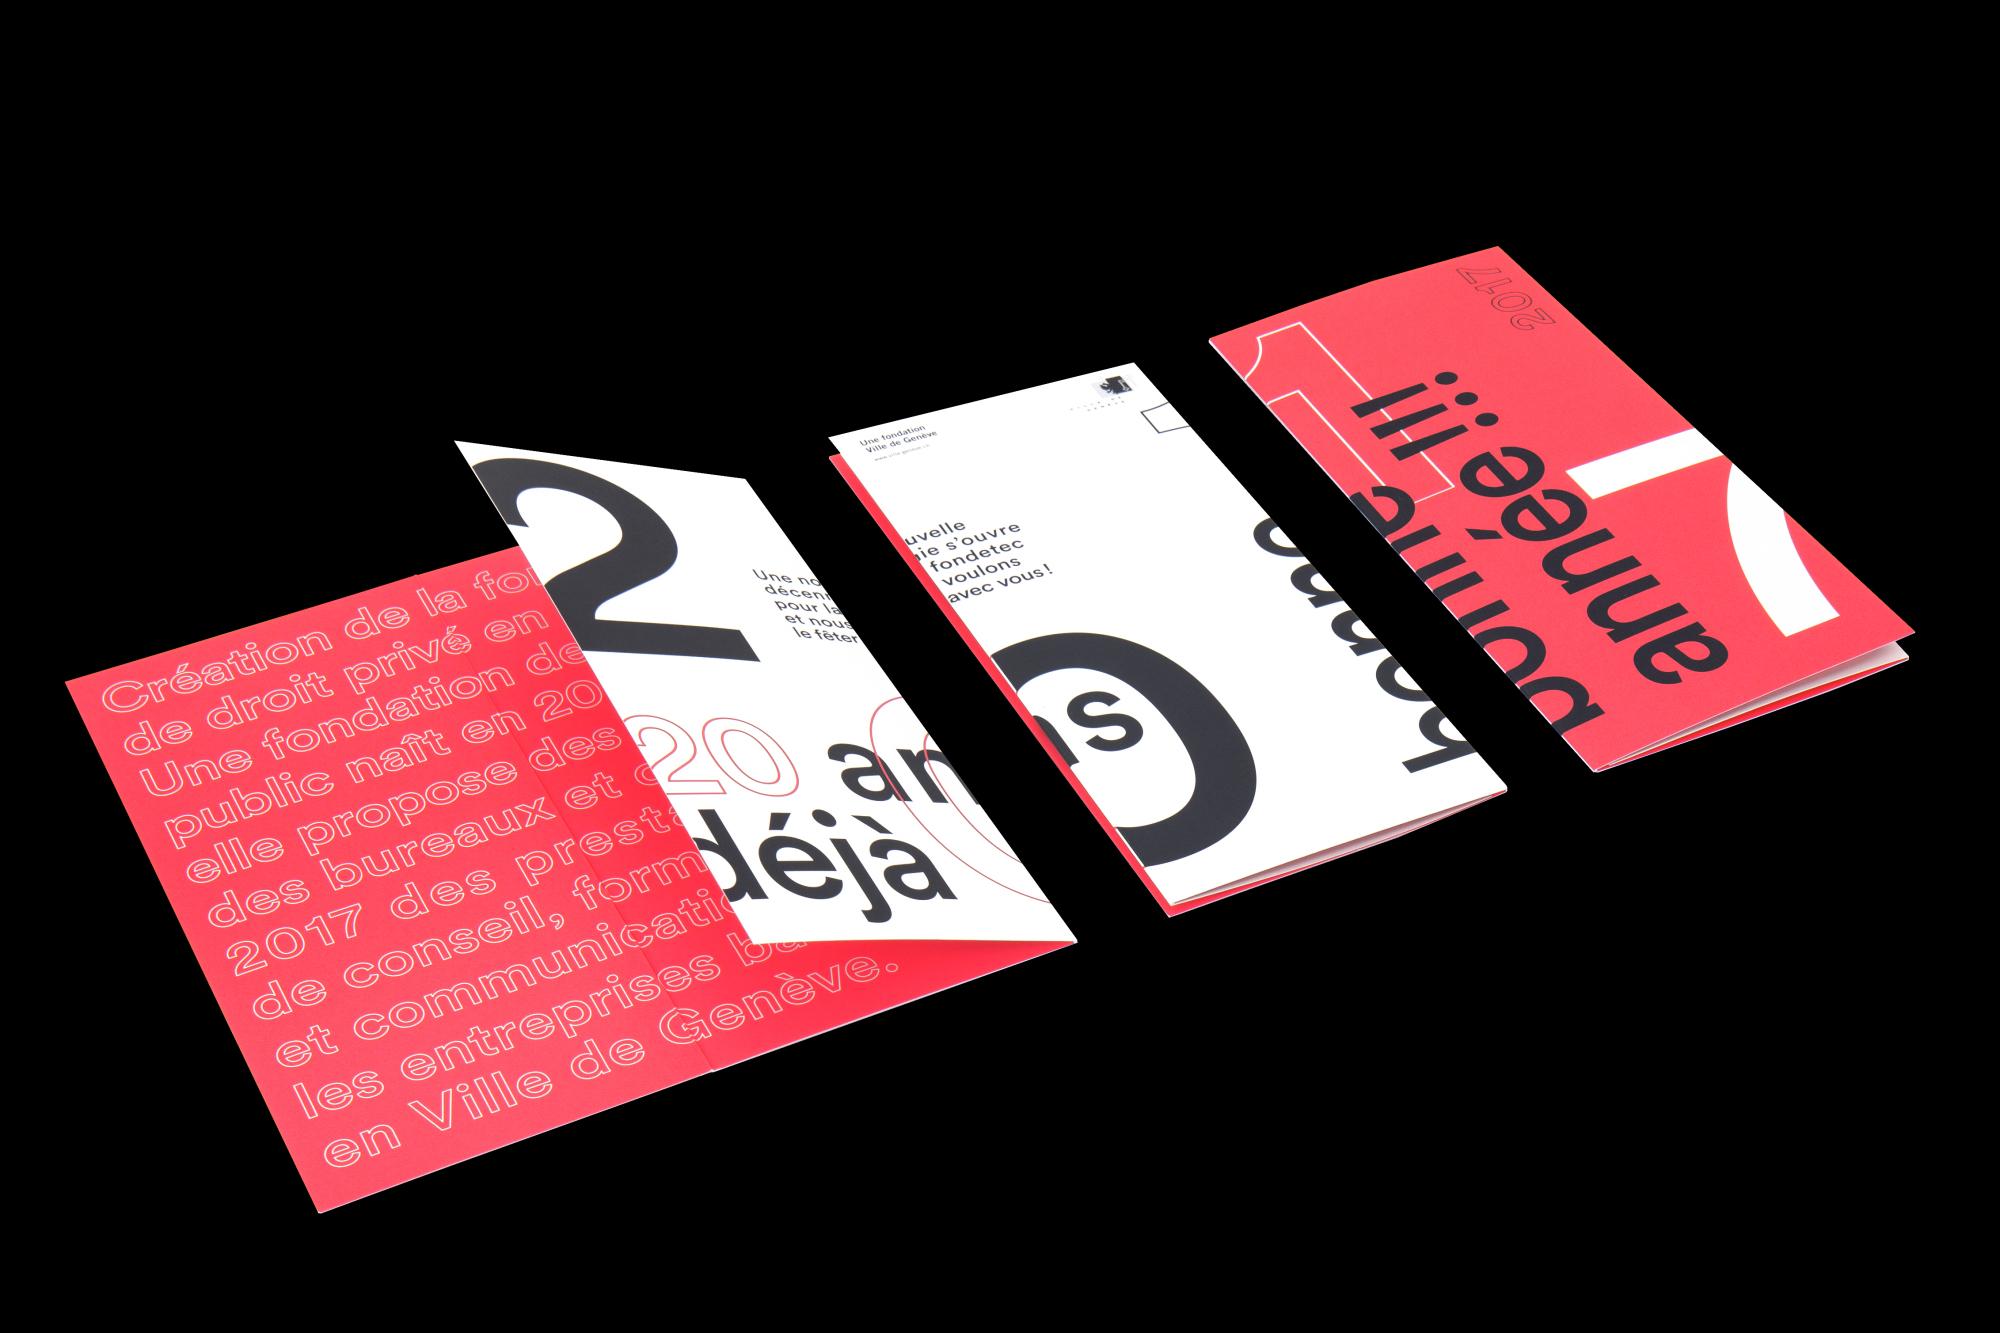 Graphisme Geneve graphic design graphique direction artistique logo identité visuelle identity branding brand fondetec fondation ville de geneve financement  carte de voeux